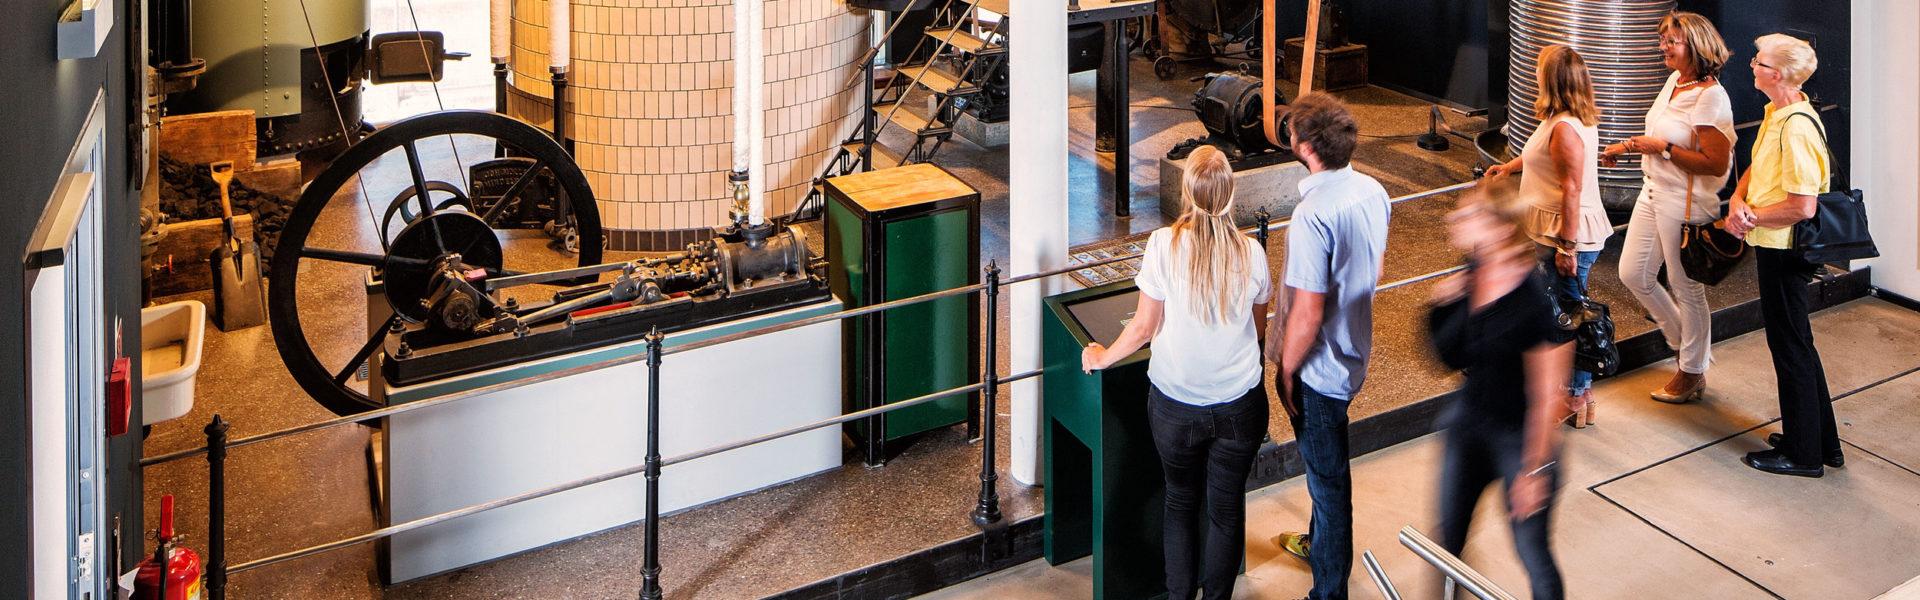 Museum der Mohren Biererlebniswelt - Brauanlage (c)Mohrenbrauerei KG Dornbirn